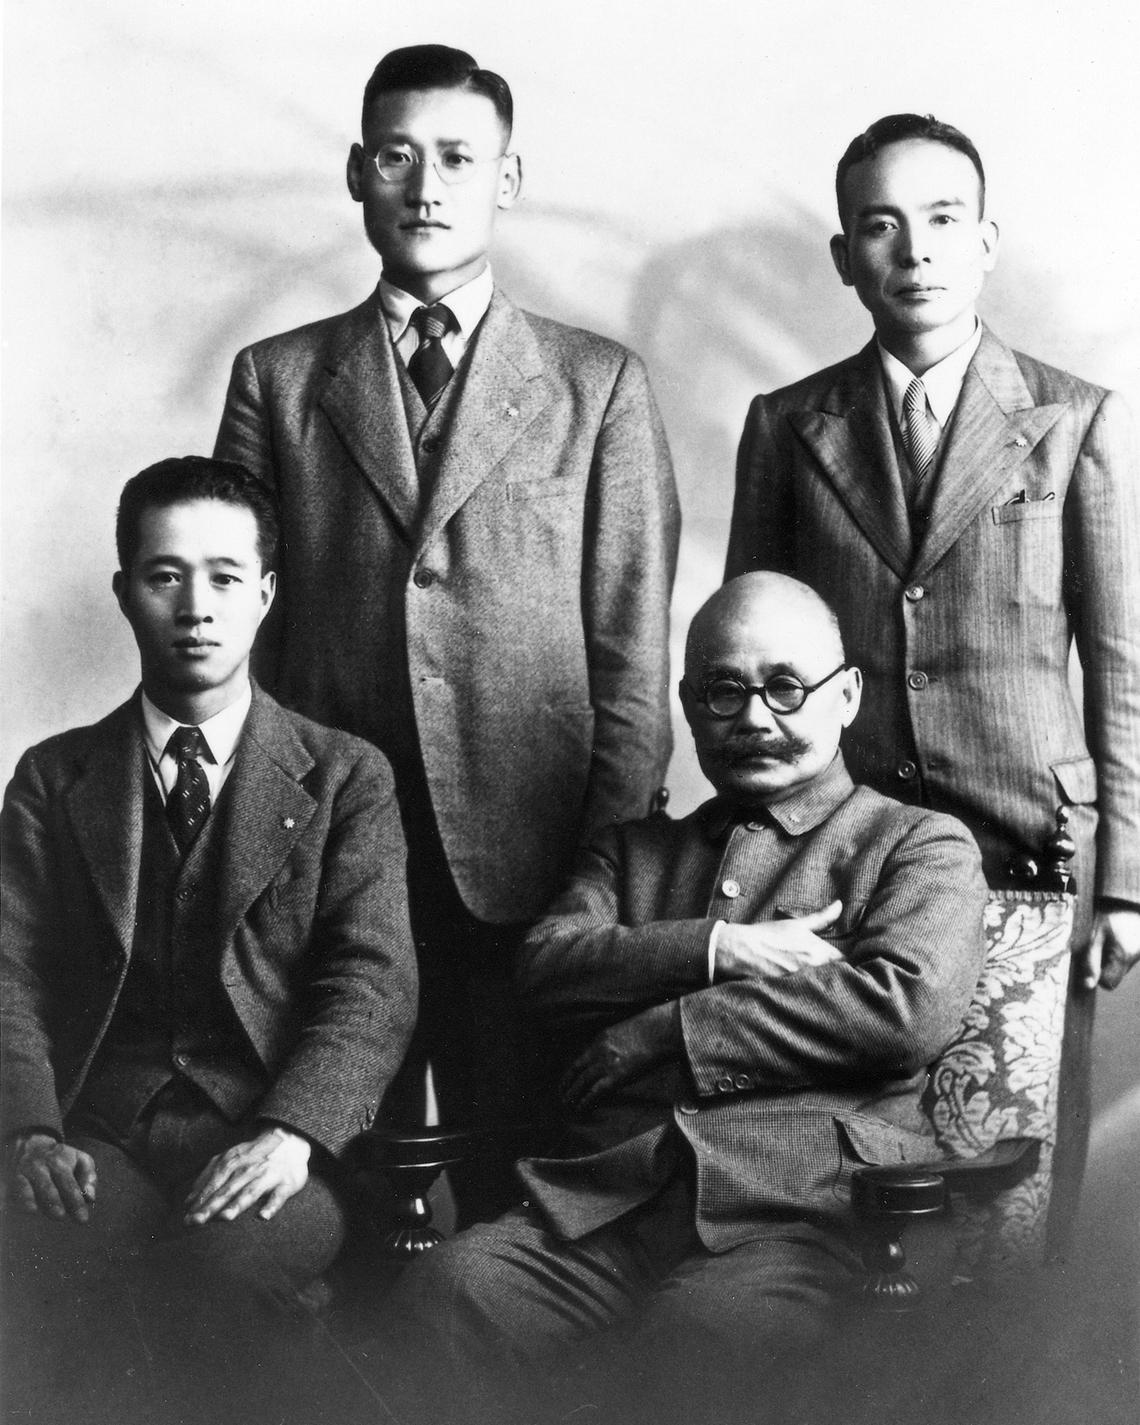 入社1年目の吉田秀雄(後列右)